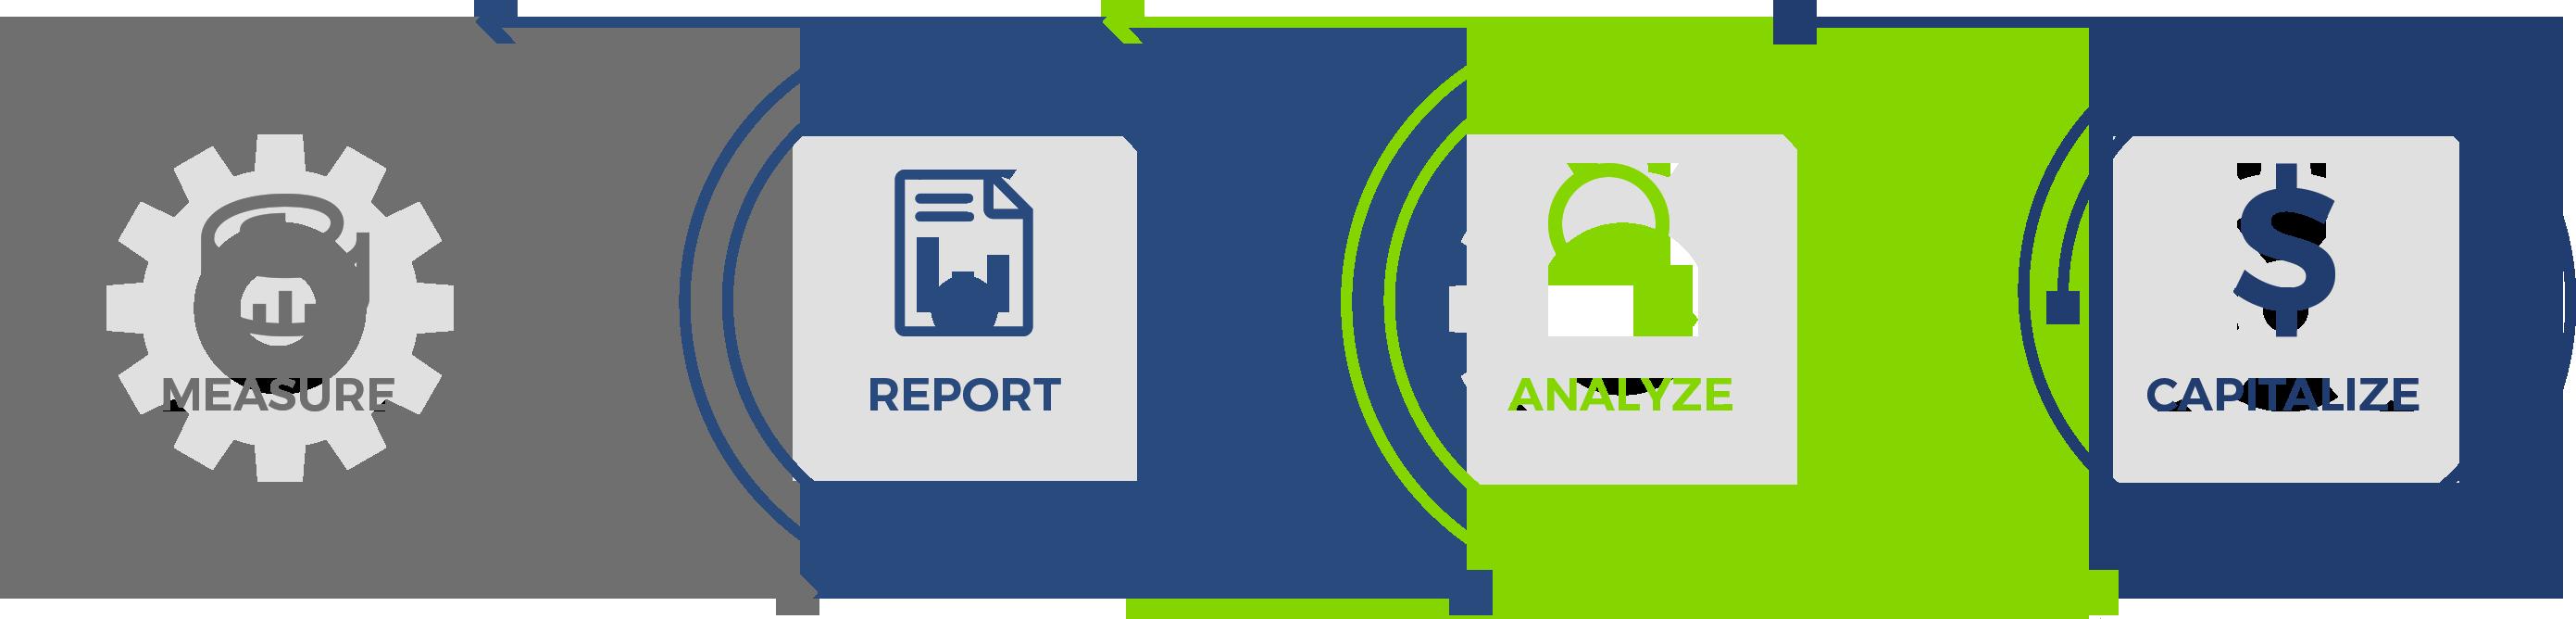 Analytics-Reporting-Graphic-2